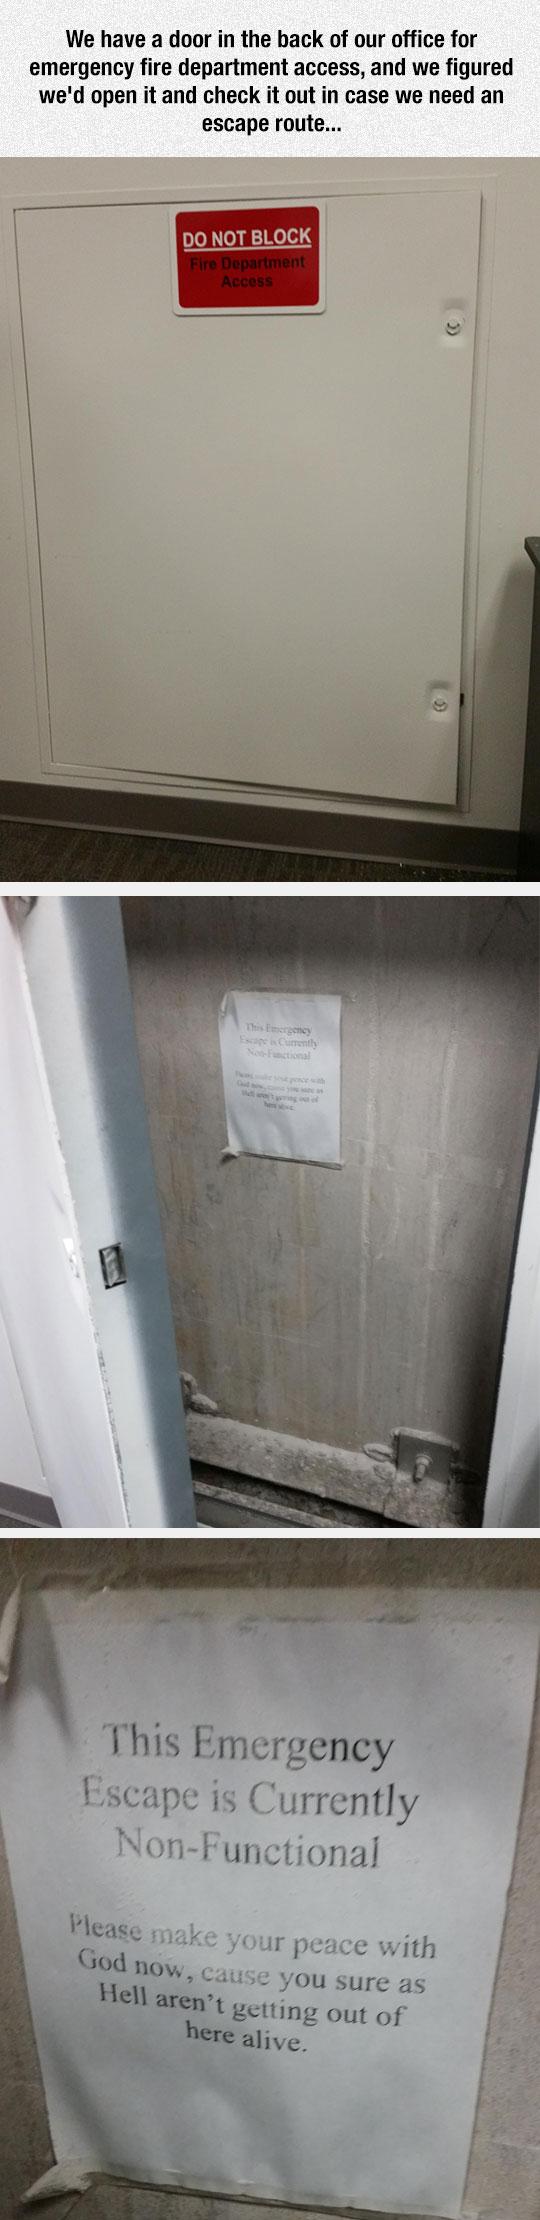 cool-fire-department-access-door-blocked